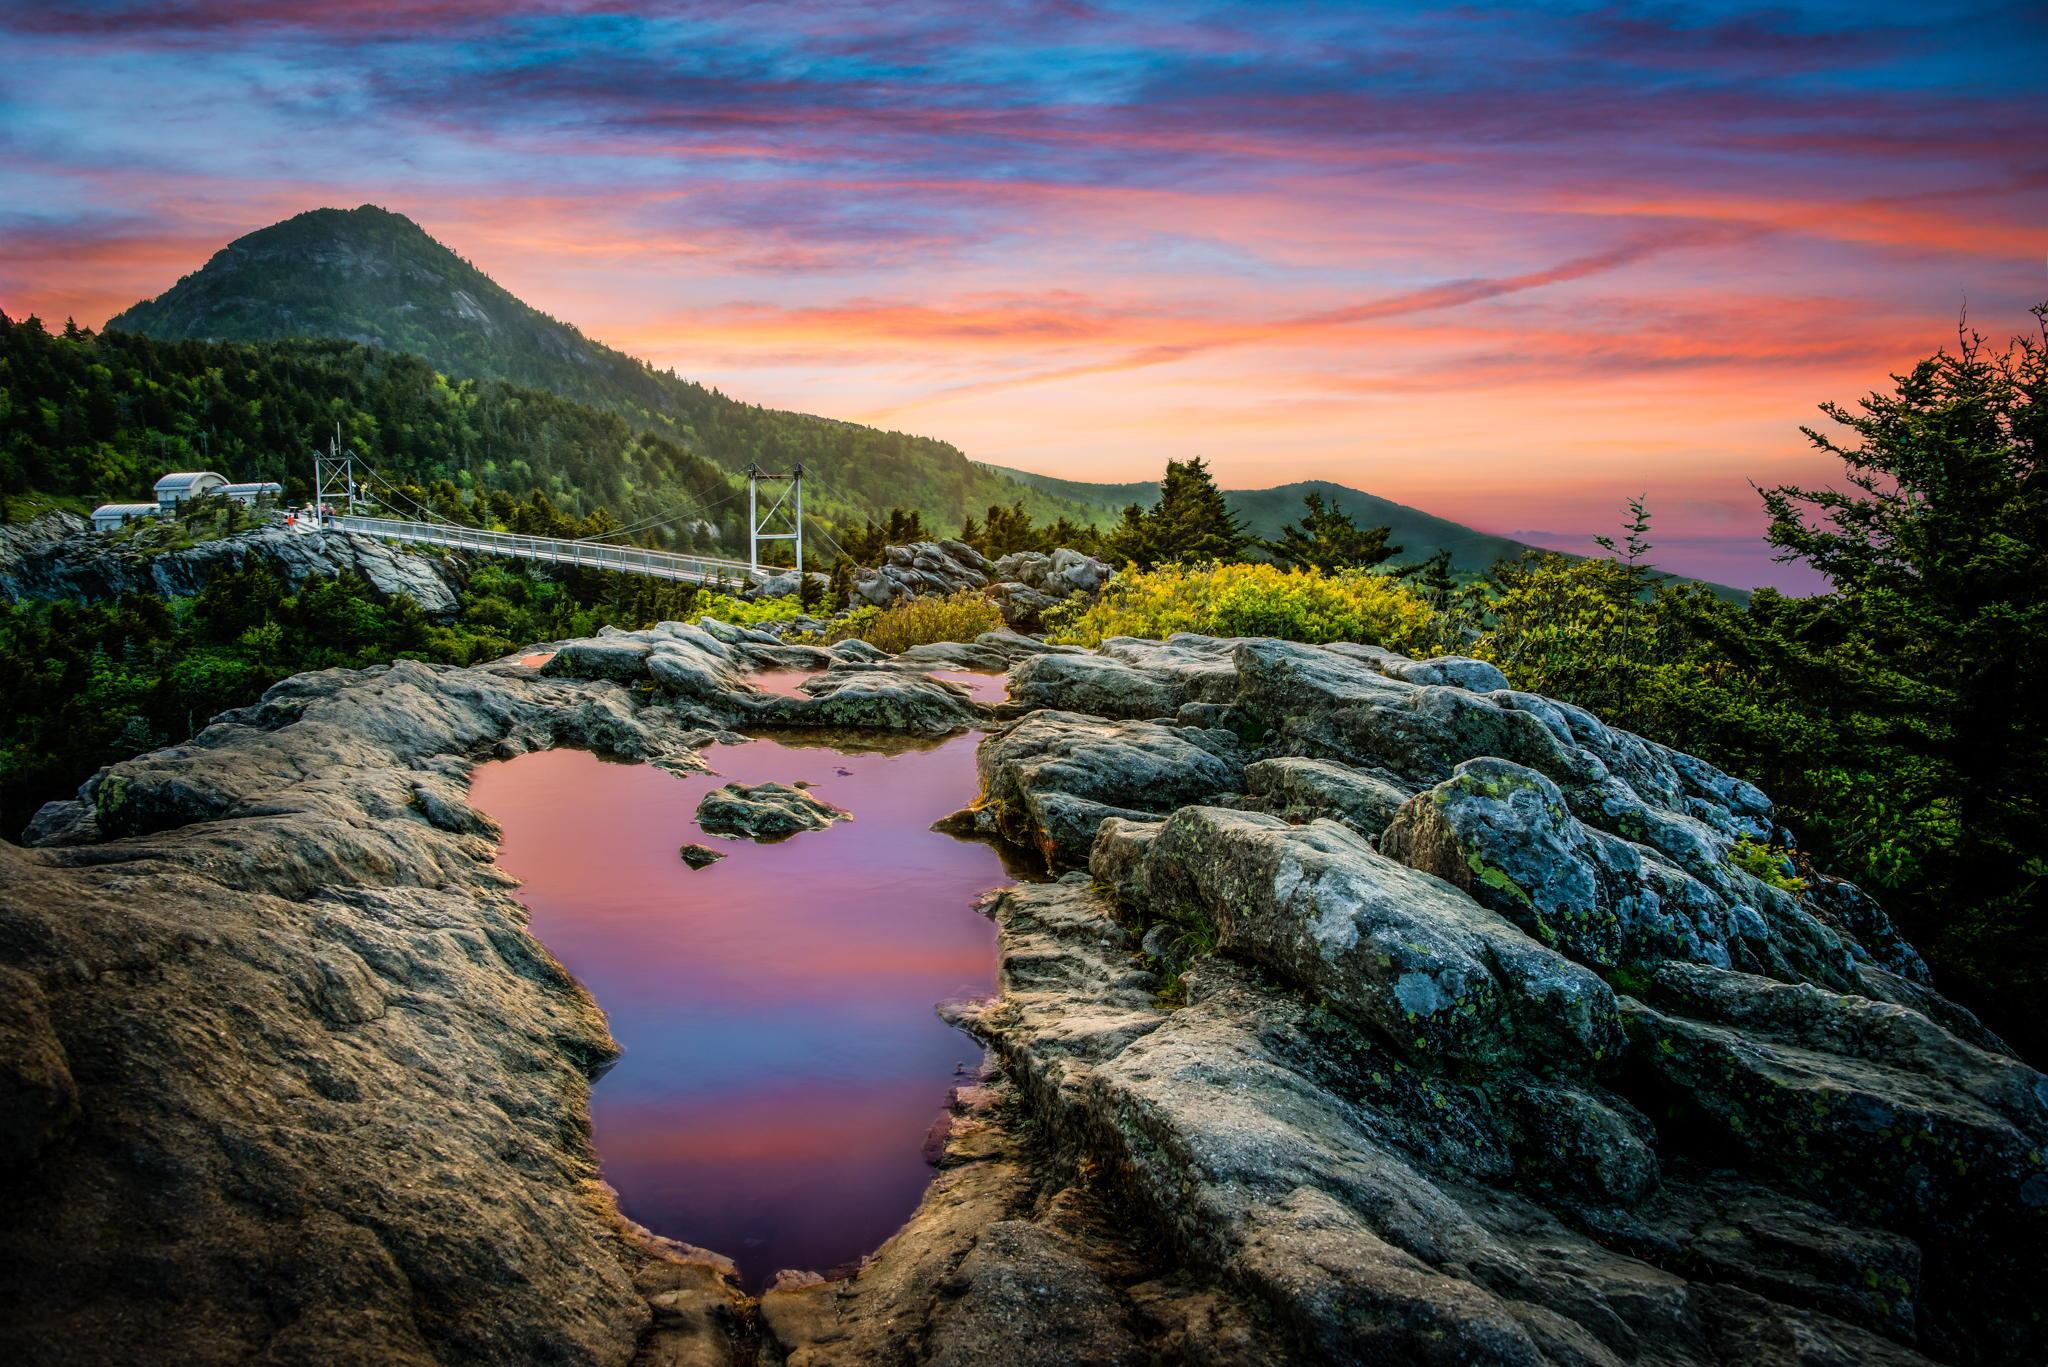 Озерцо мостик лес горы  № 2950118 загрузить